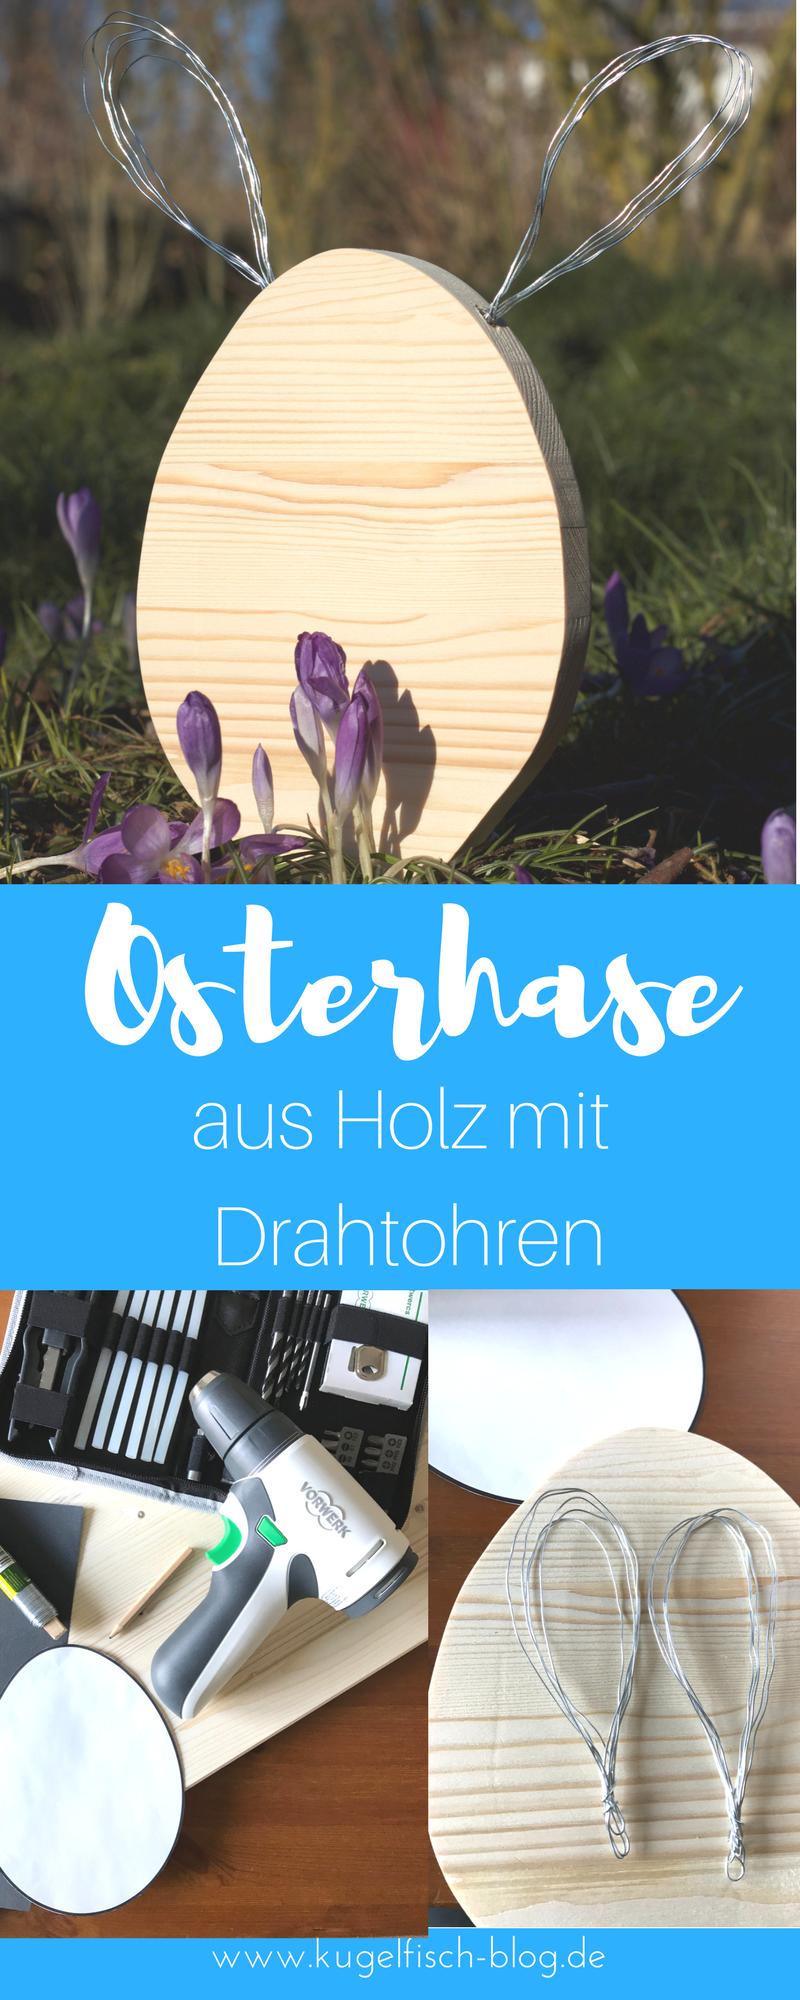 DIY: Osterhase aus Holz mit Drahtohren -   24 diy basteln holz ideas